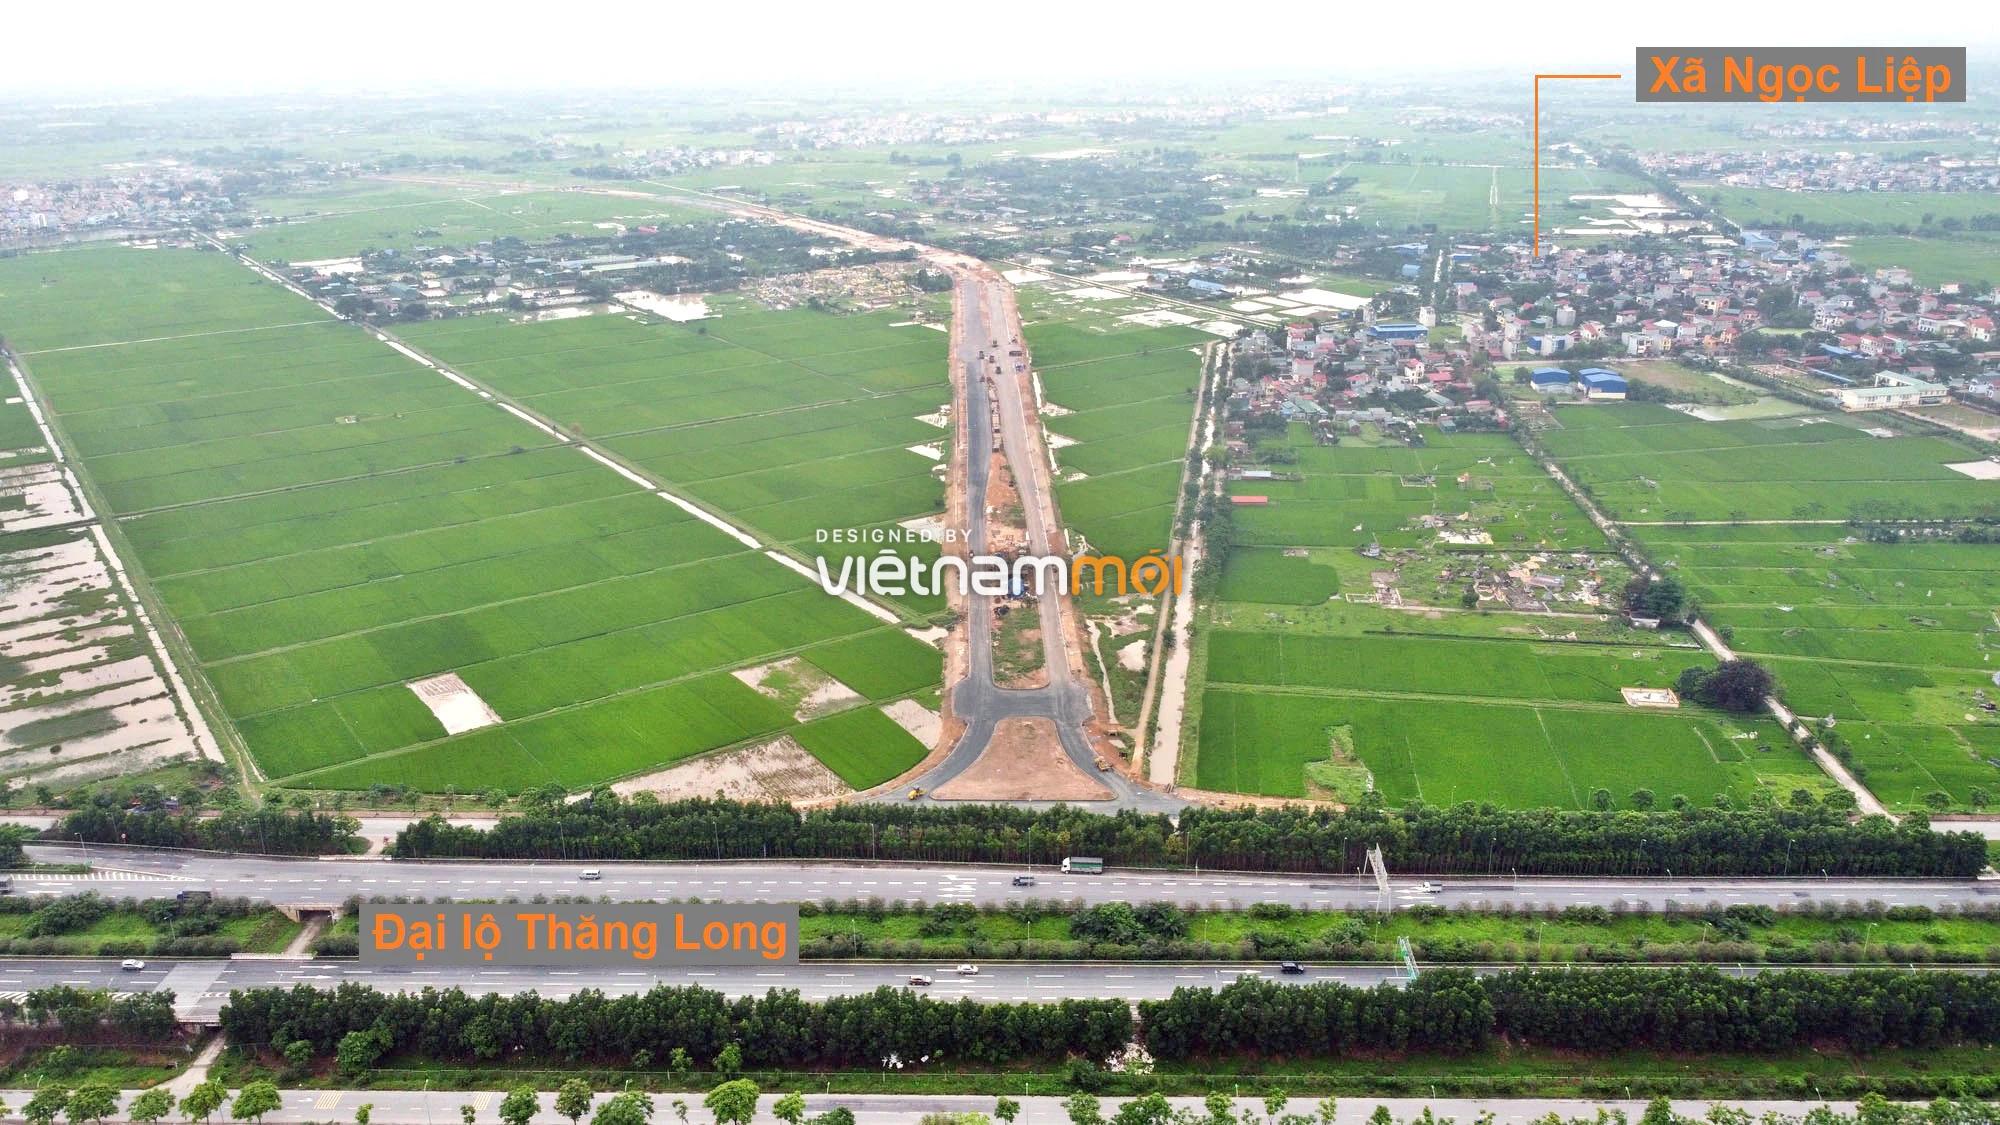 Toàn cảnh đường trục chính Bắc - Nam KĐT Quốc Oai kéo dài đang mở theo quy hoạch ở Hà Nội - Ảnh 1.